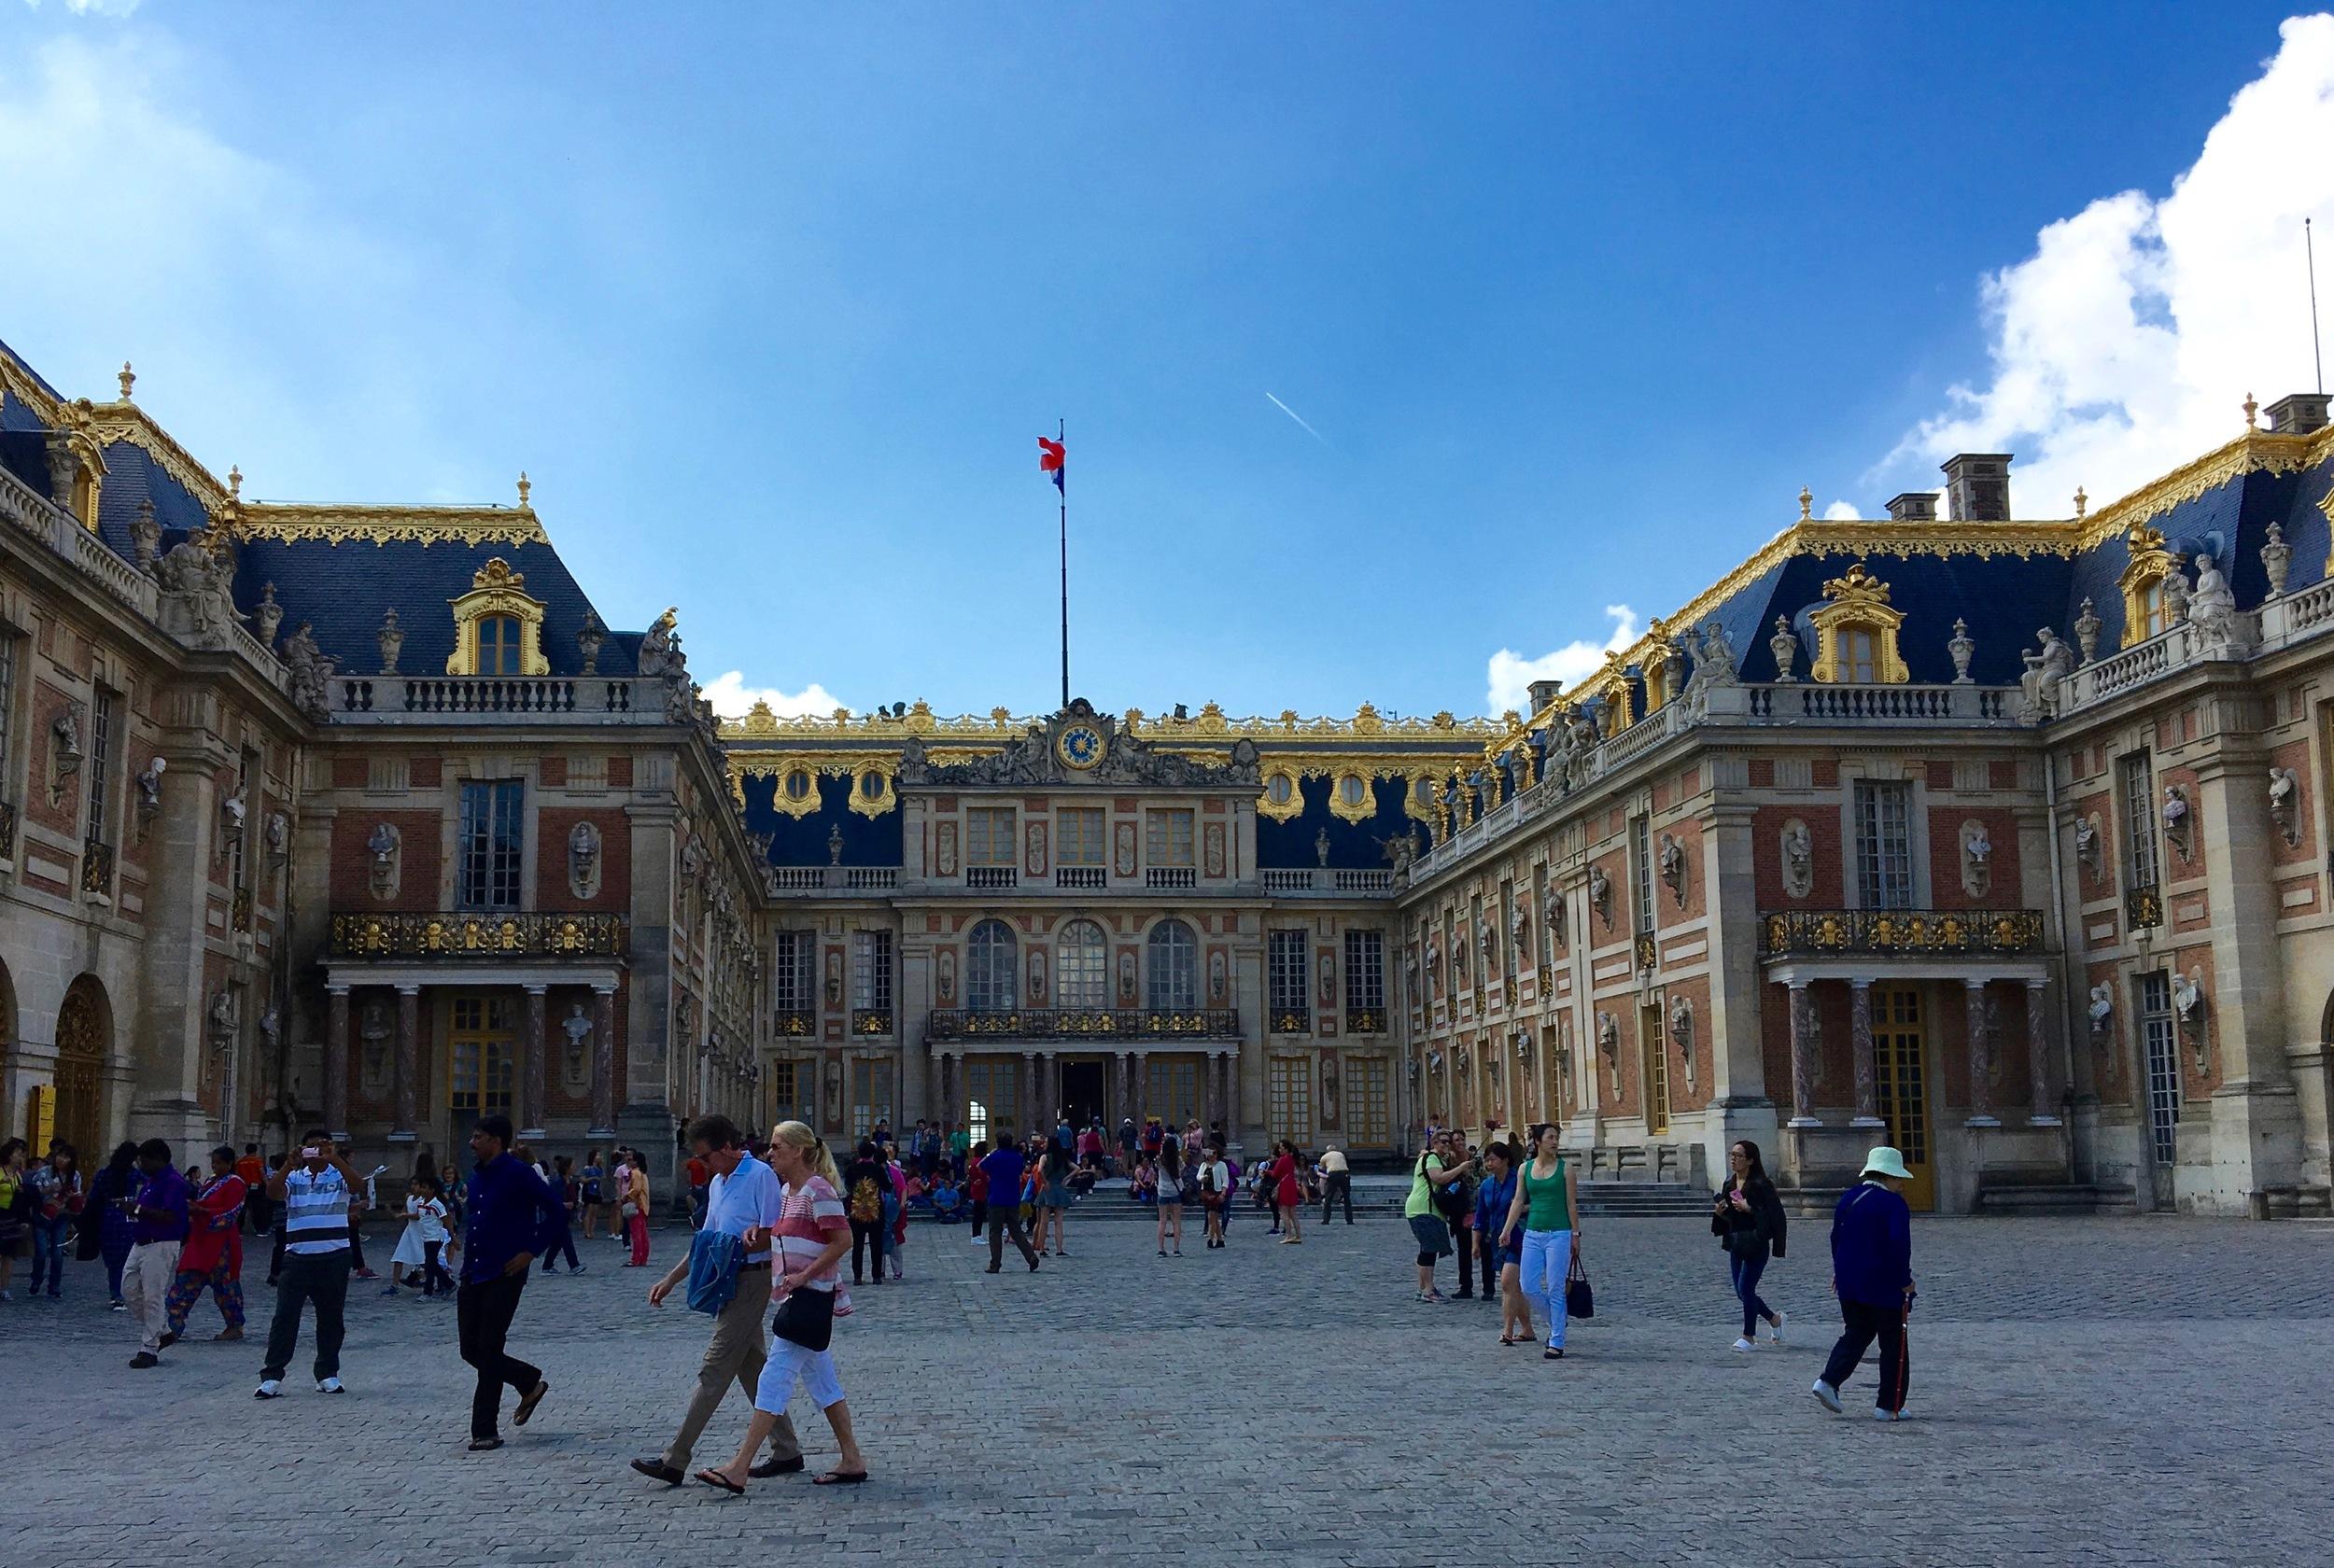 So many peasants at the palace